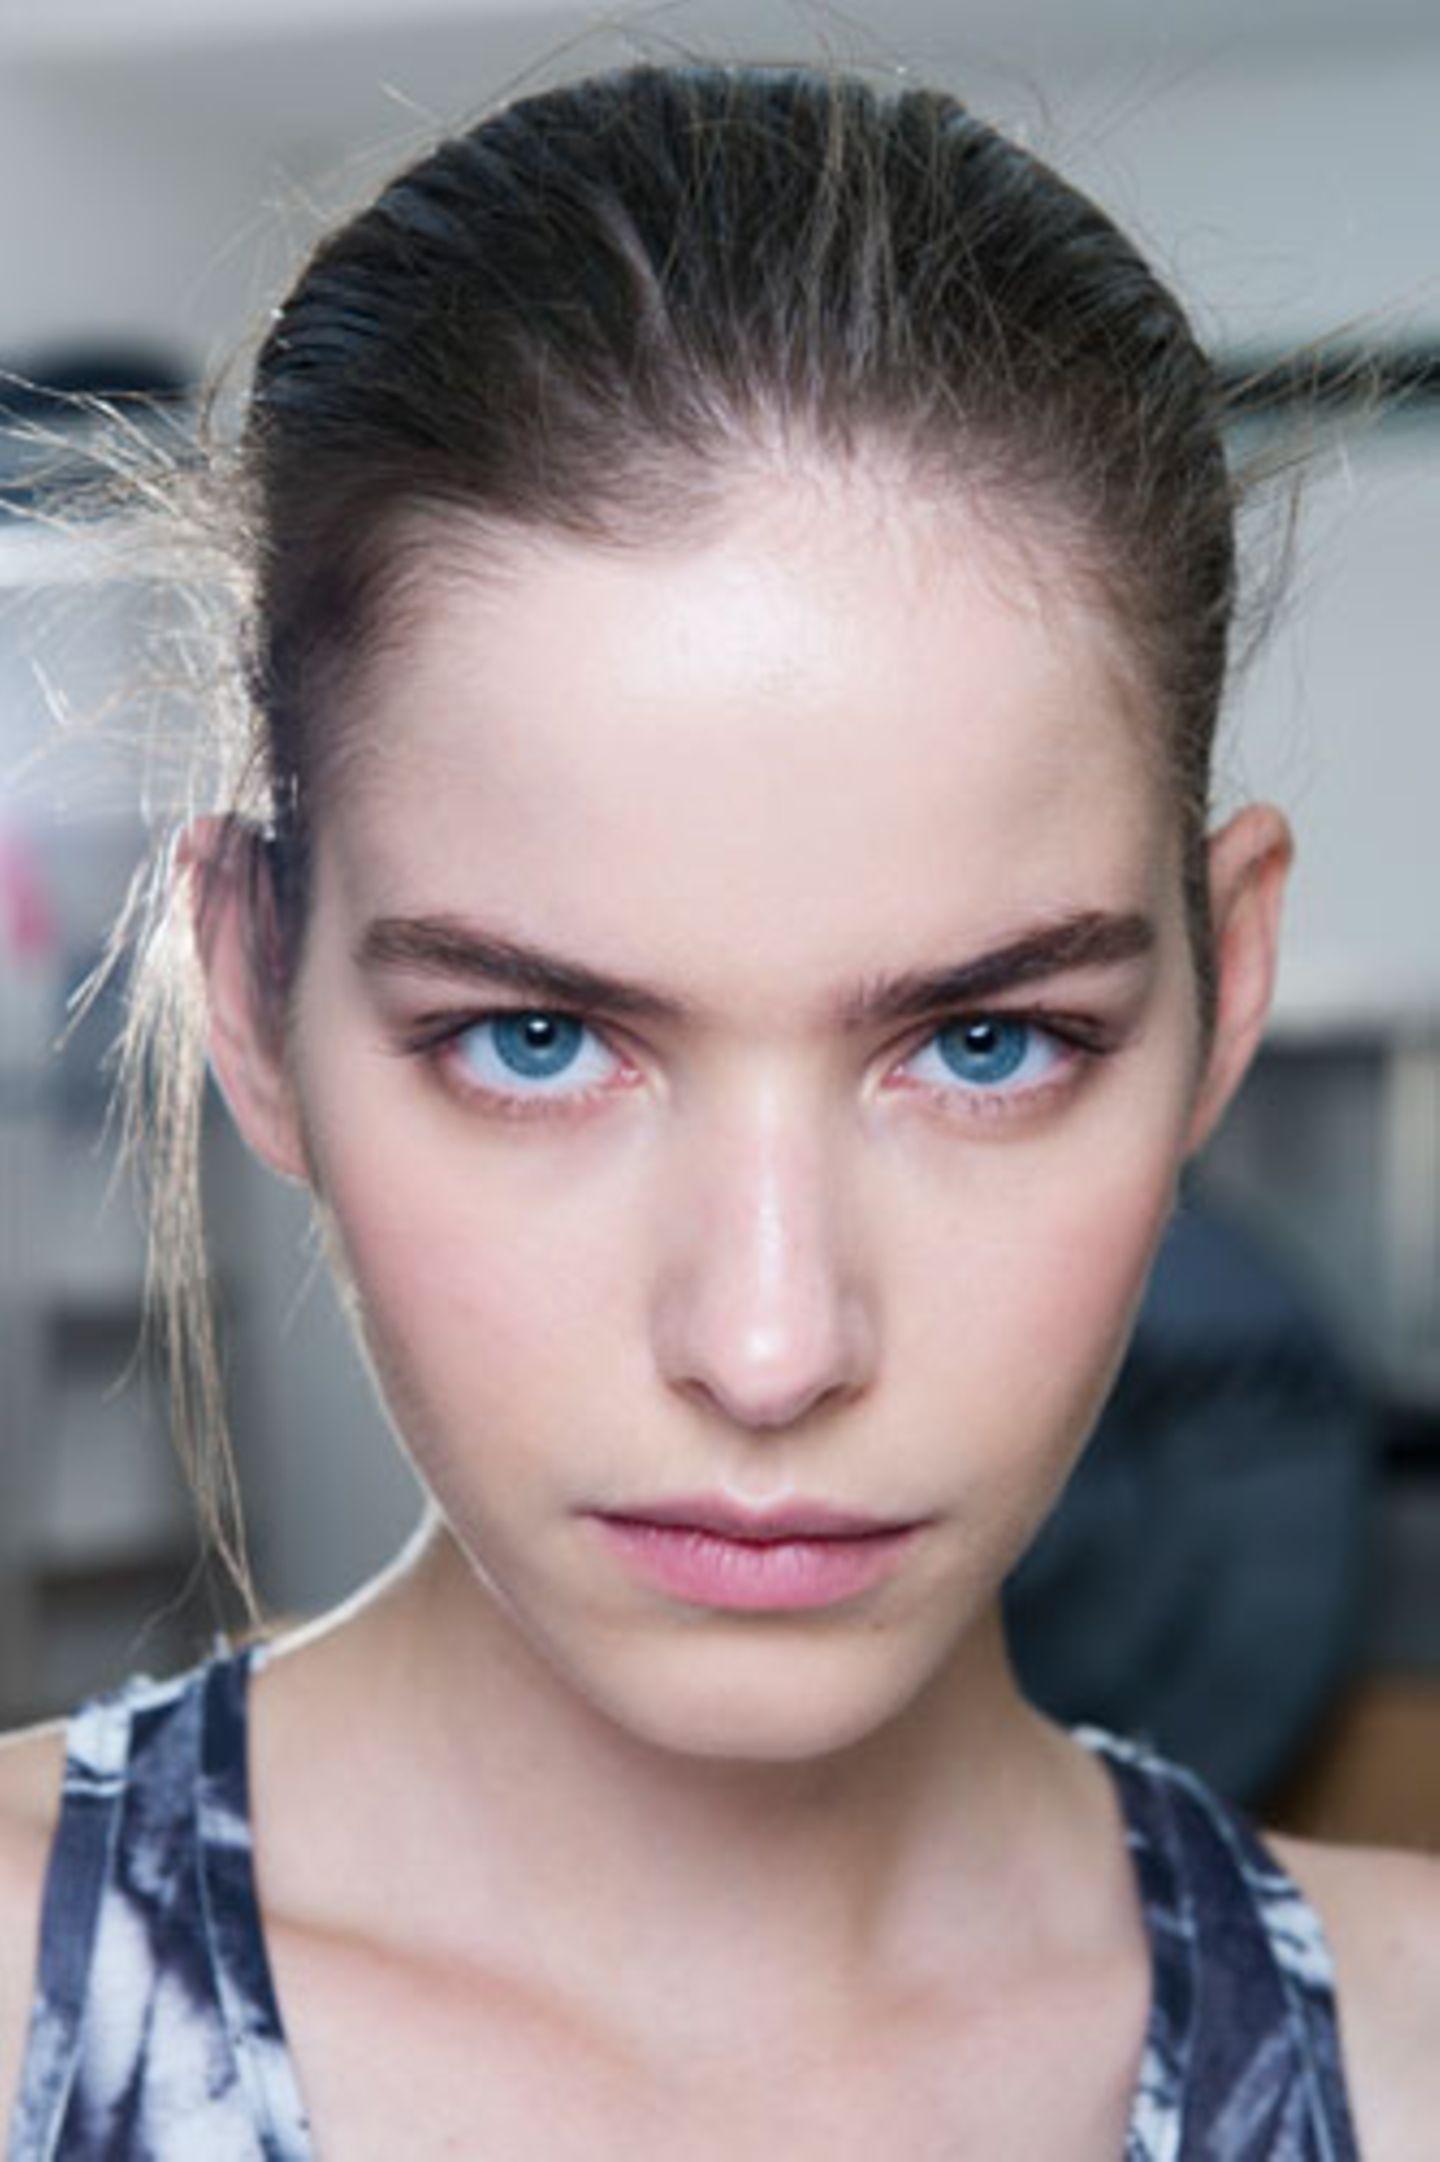 Wie wirkt Make-up: Betonte Augenbrauen